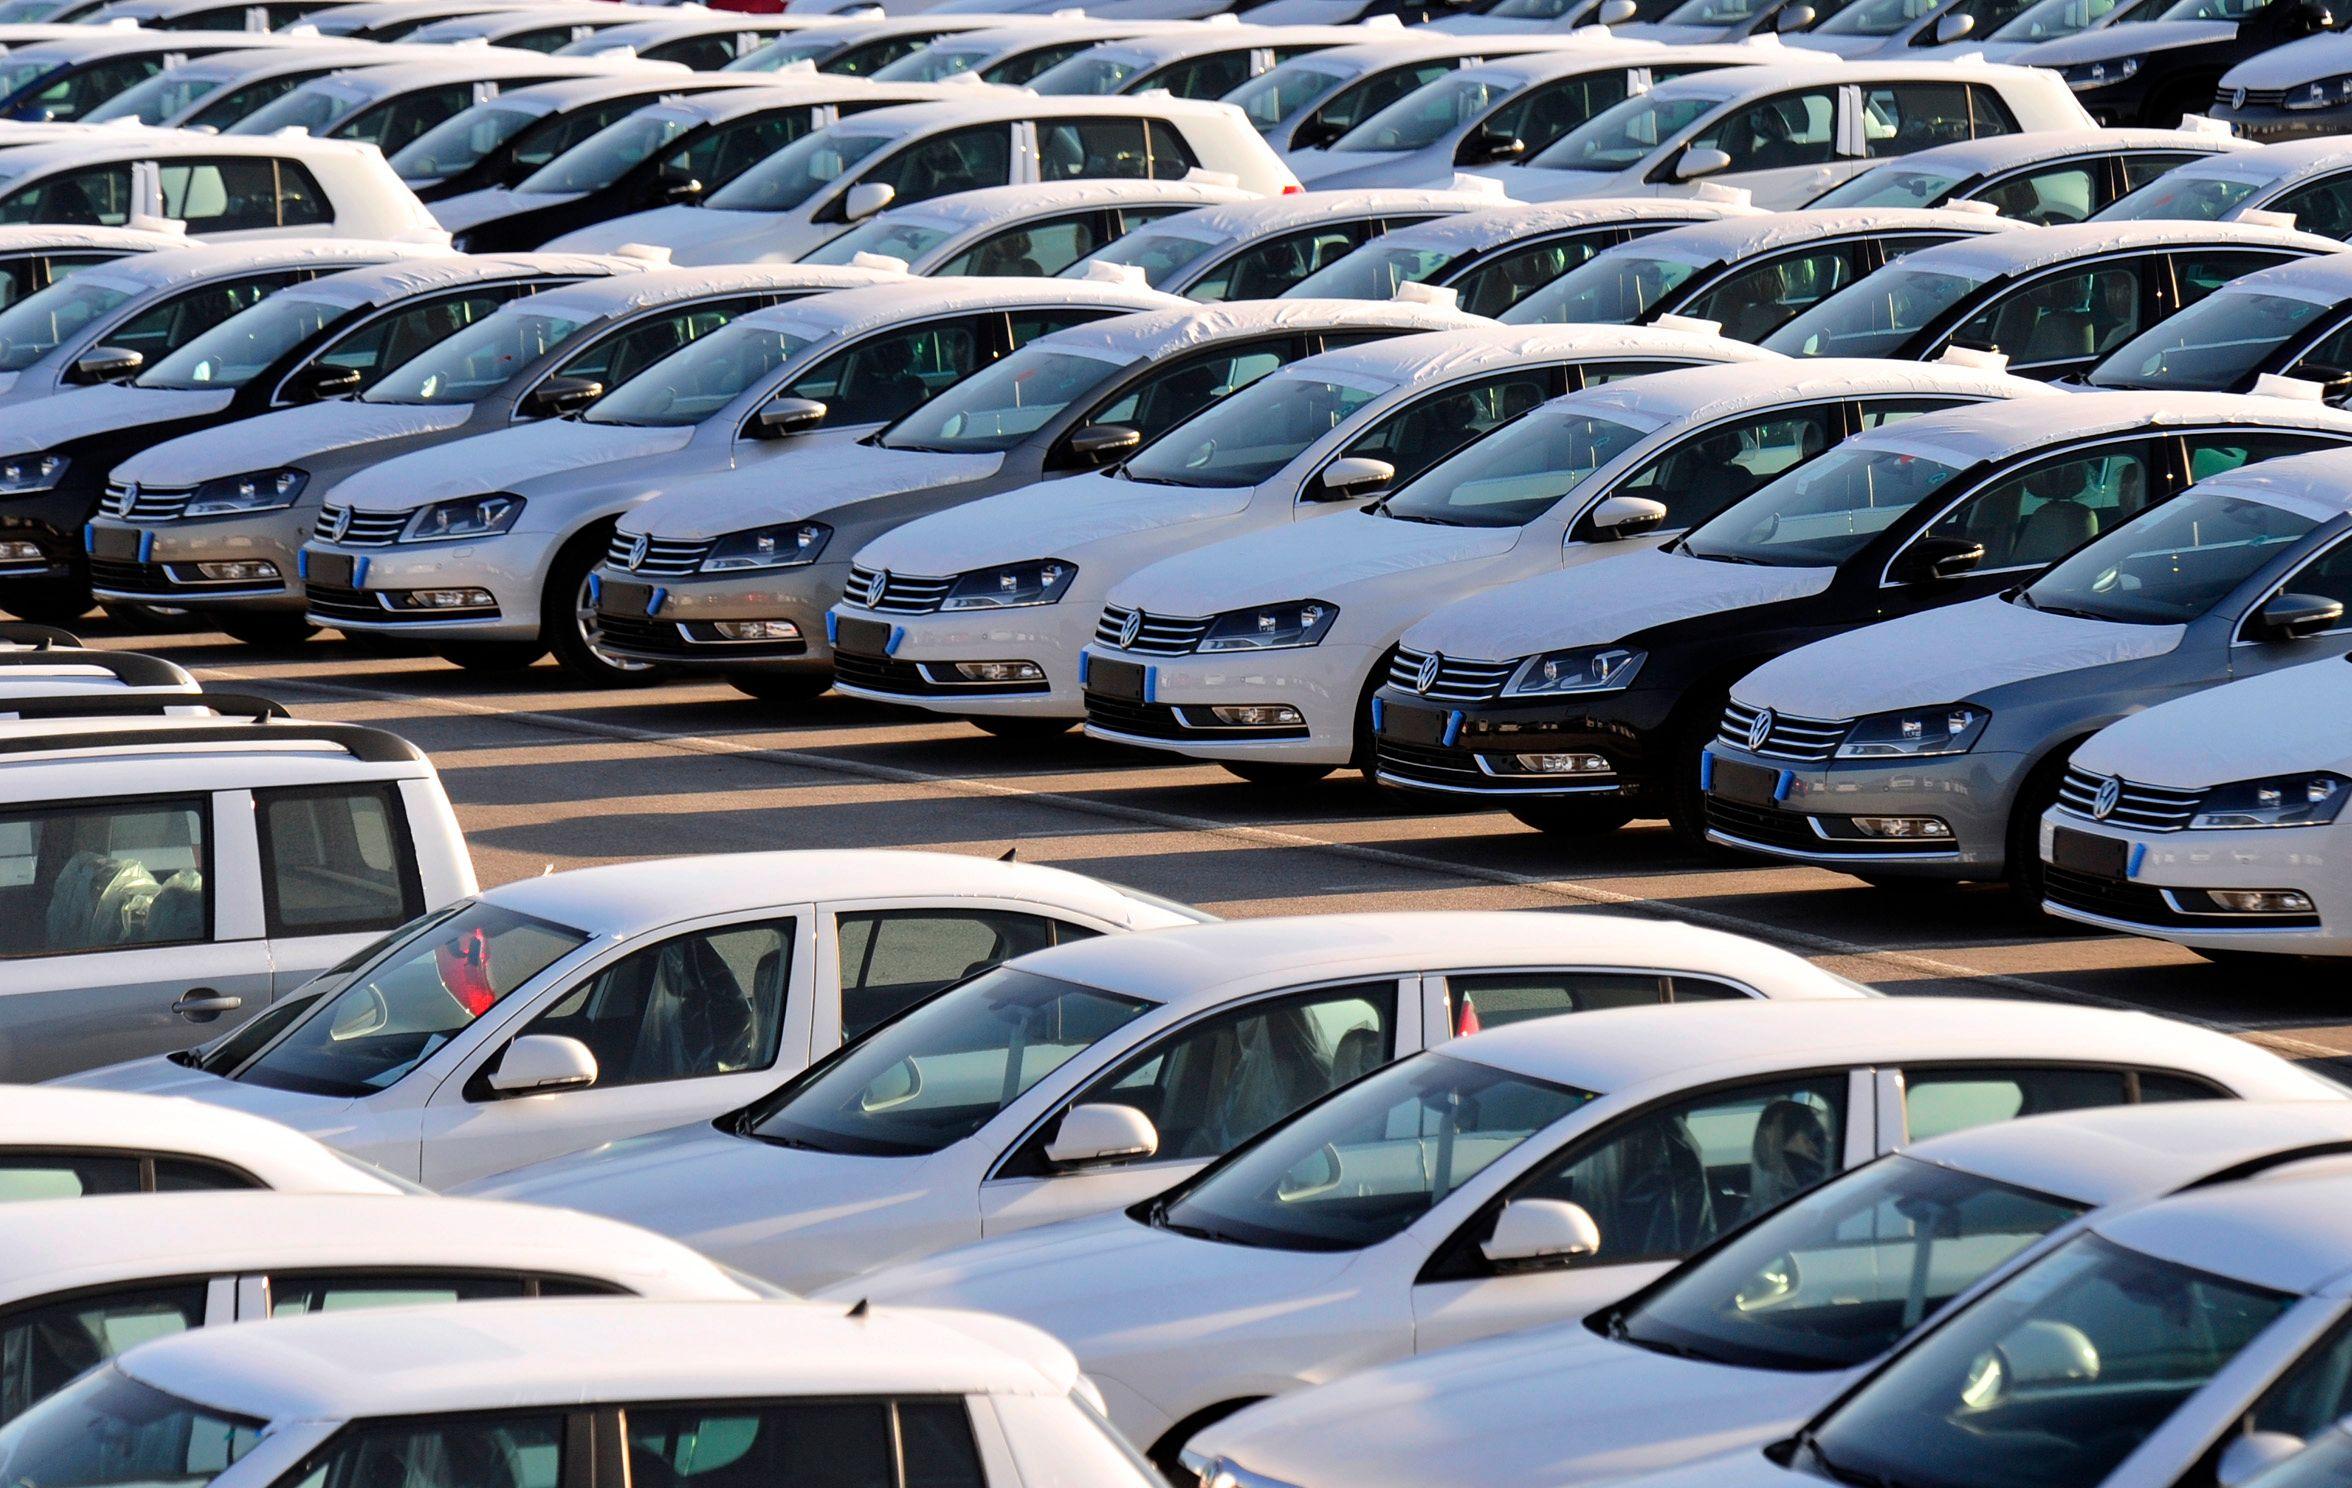 Avec une petite croissance de 0.3% pour l'année 2014, les ventes de véhicules neufs n'ont pas connu le rebond espéré.